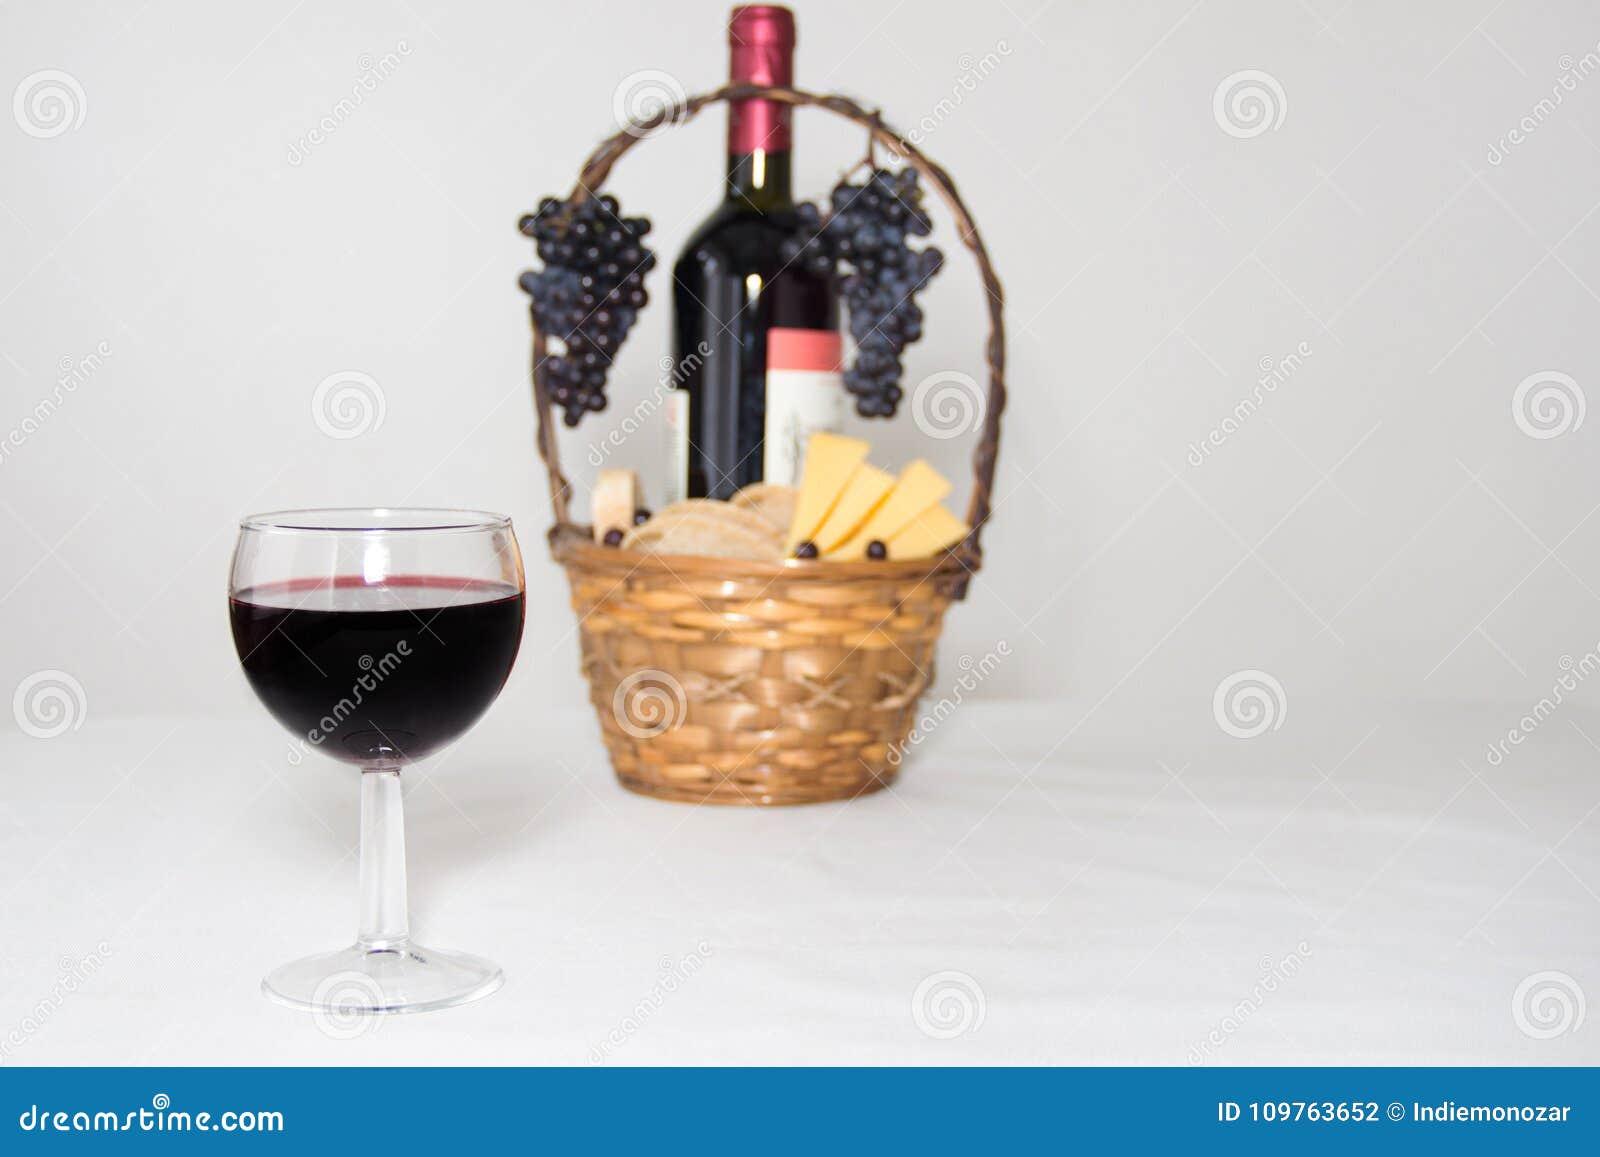 Image abstraite d une glace de vin Une bouteille du vin rouge, des raisins et du panier de pique-nique avec des tranches de froma